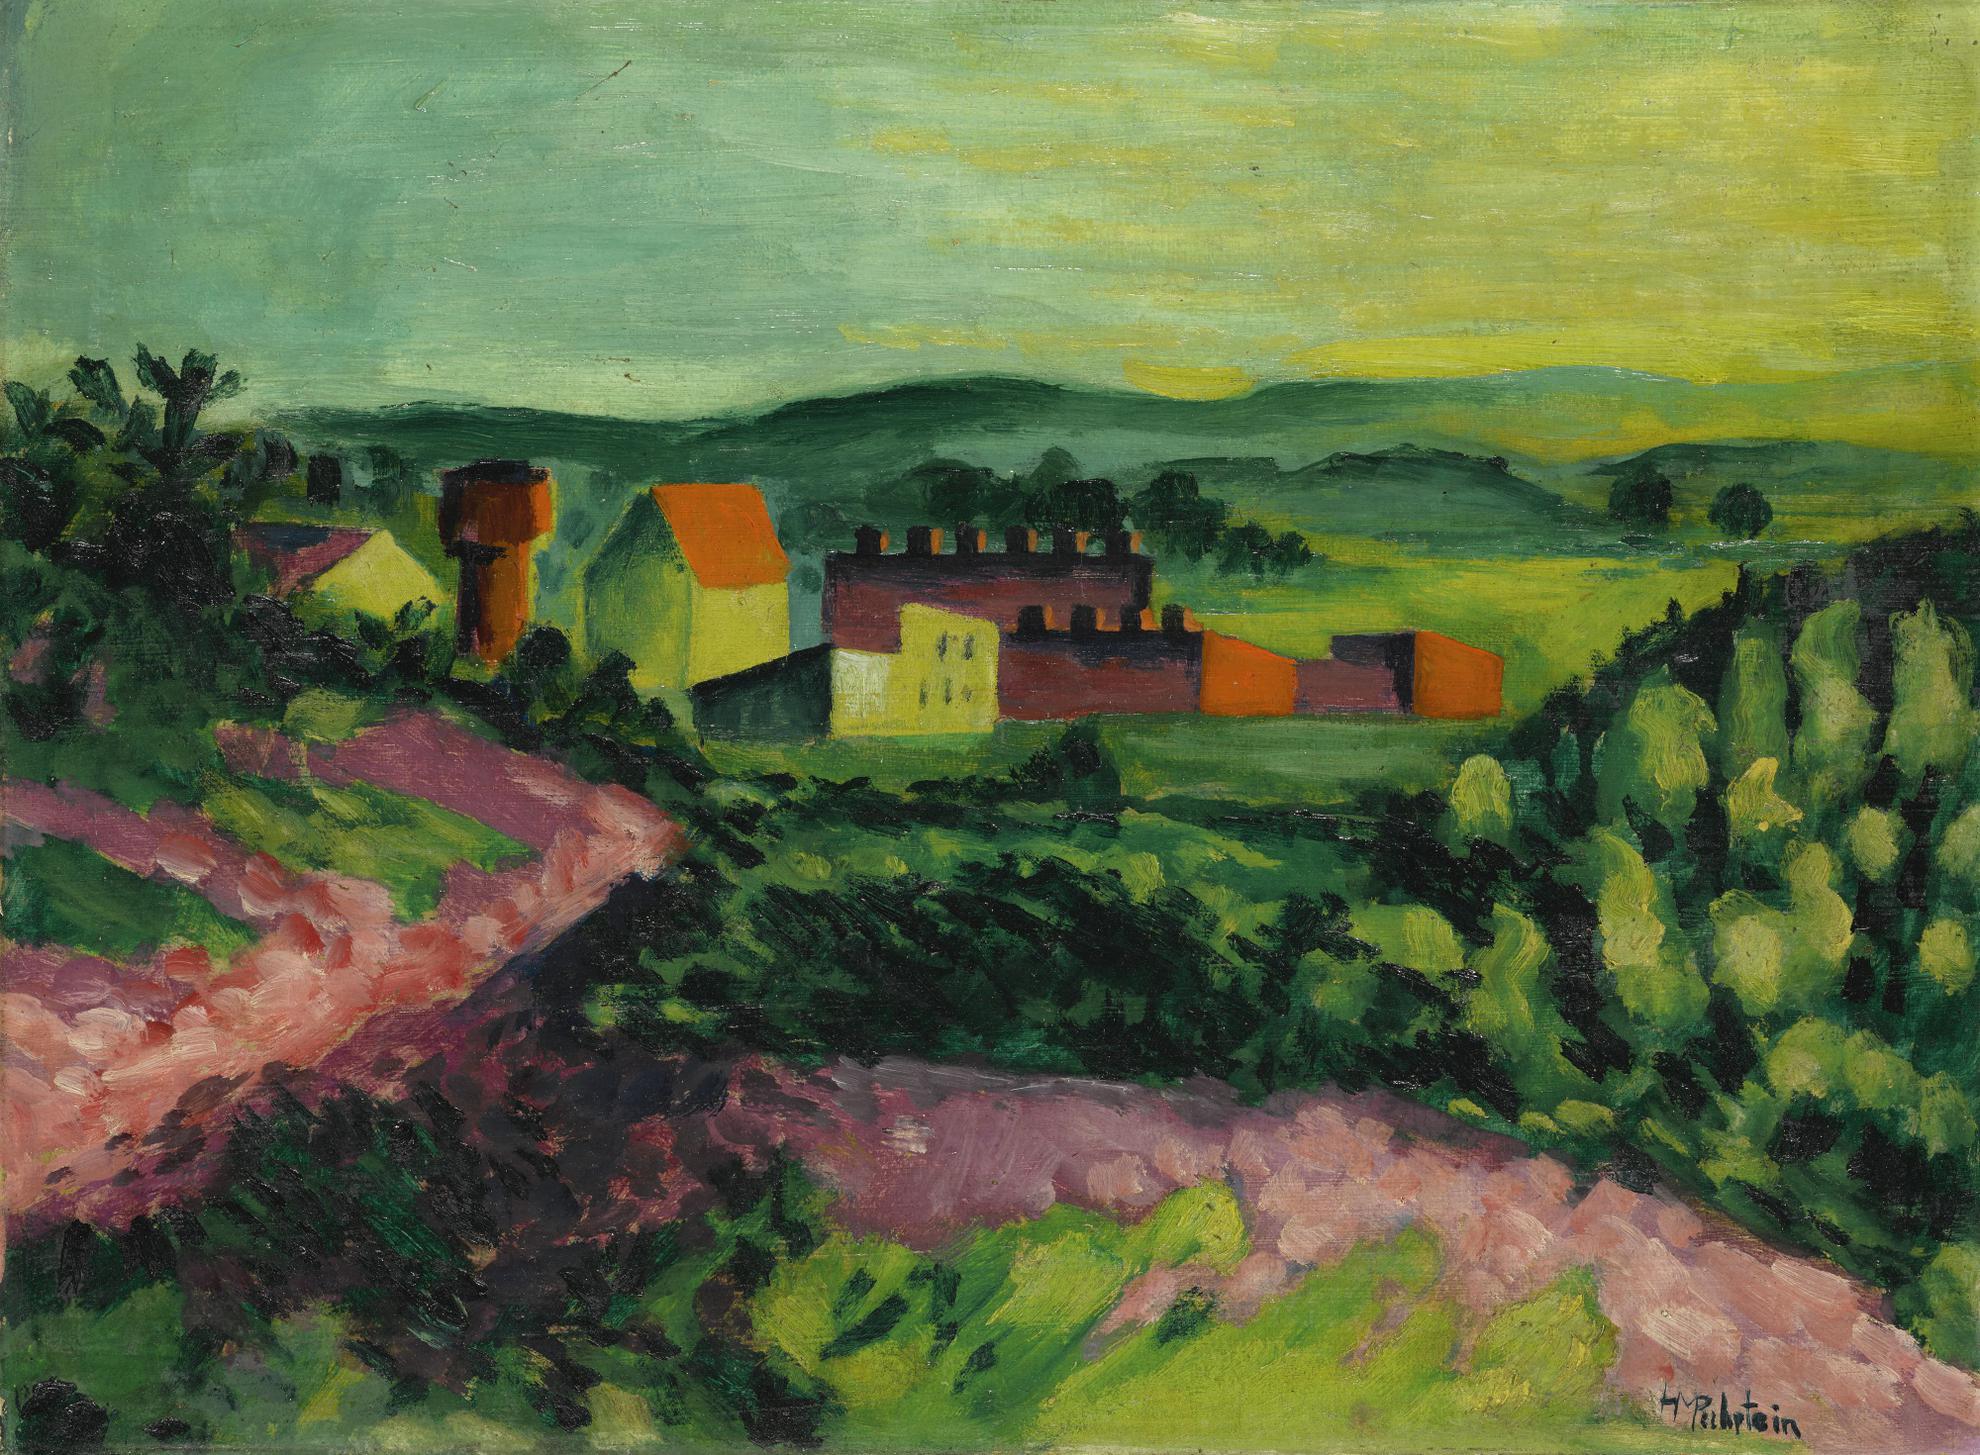 Max Pechstein-Landschaft (Landscape)-1922